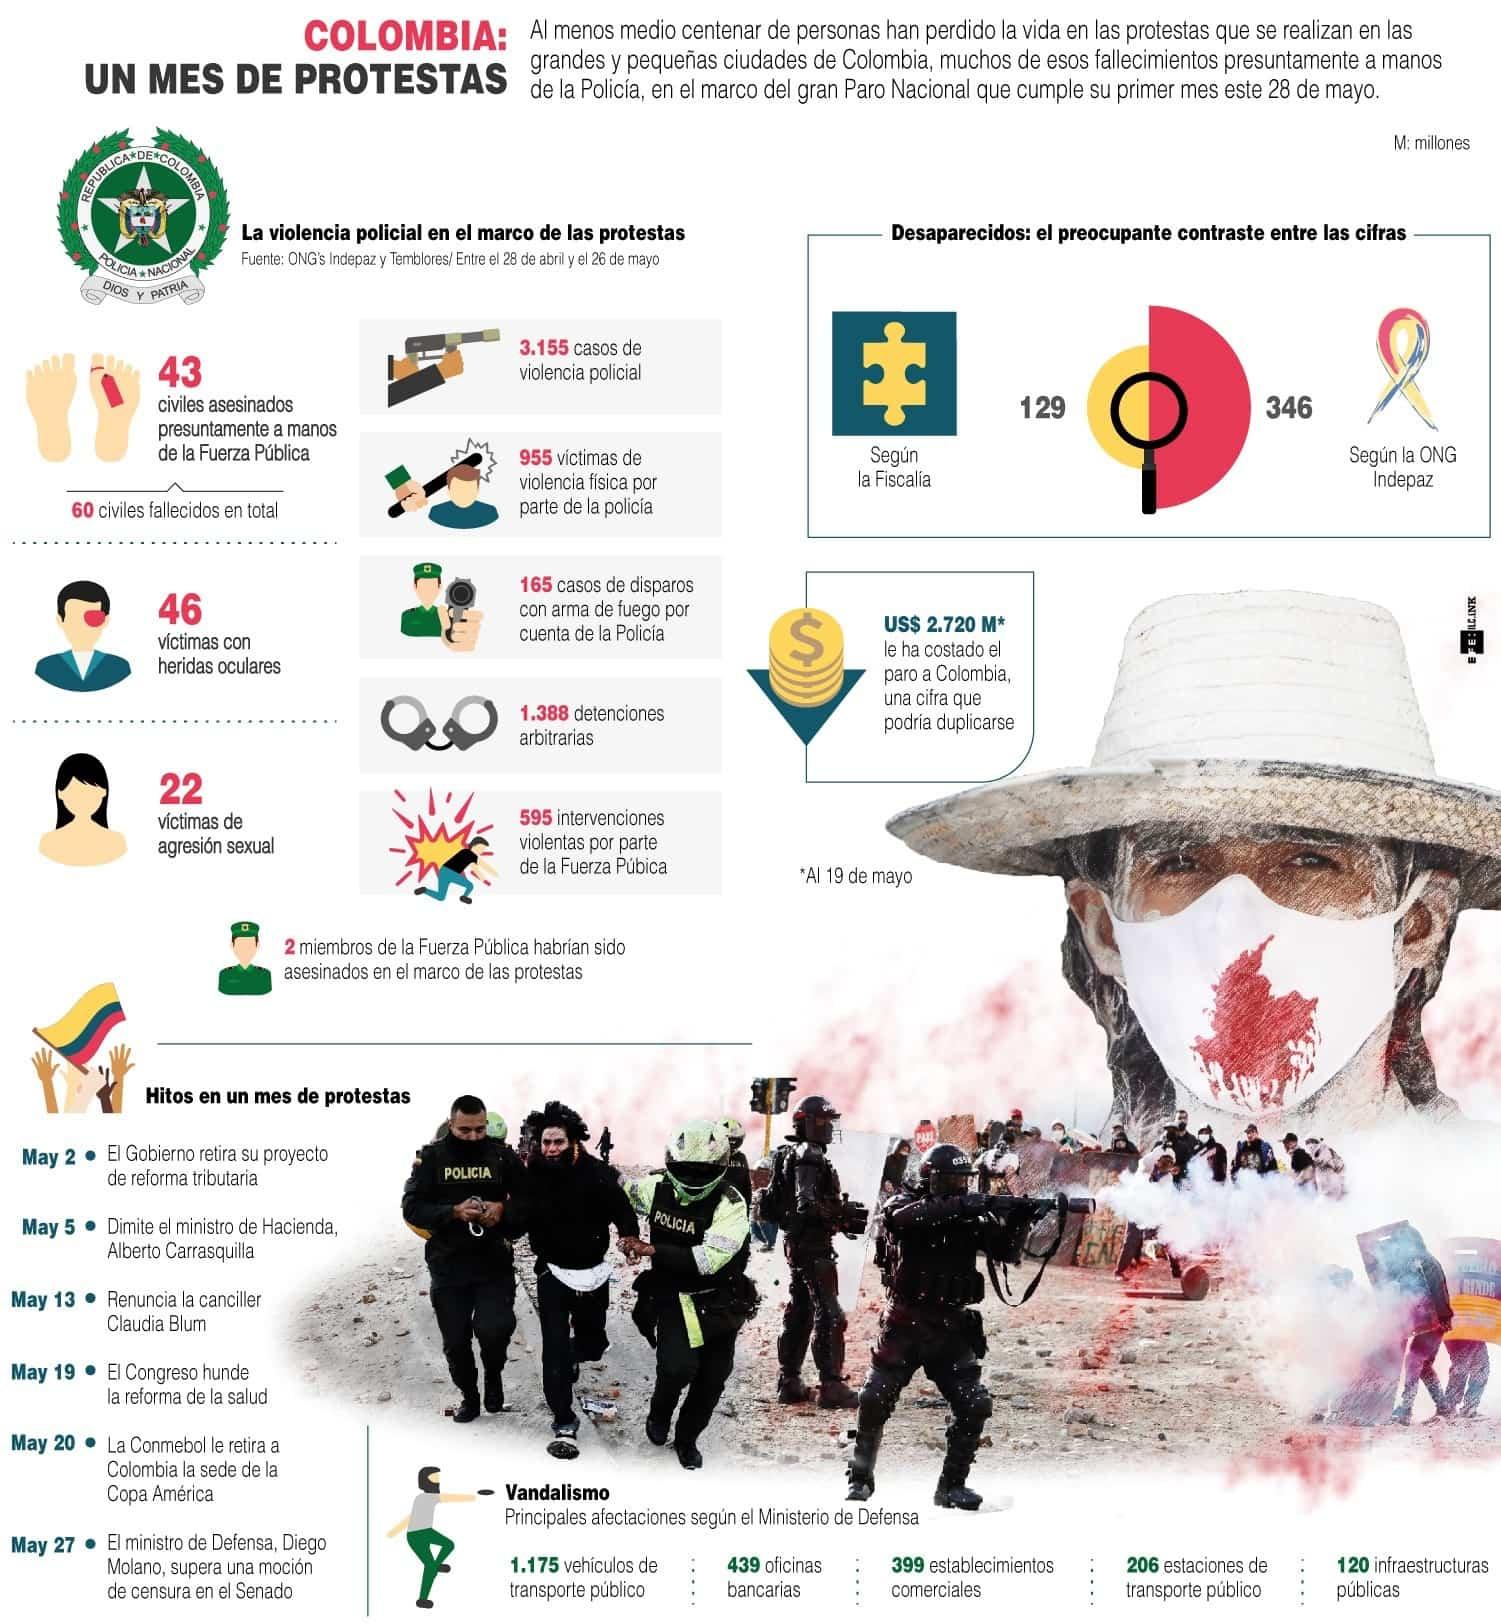 [Infografía] Colombia: un mes de protestas 1